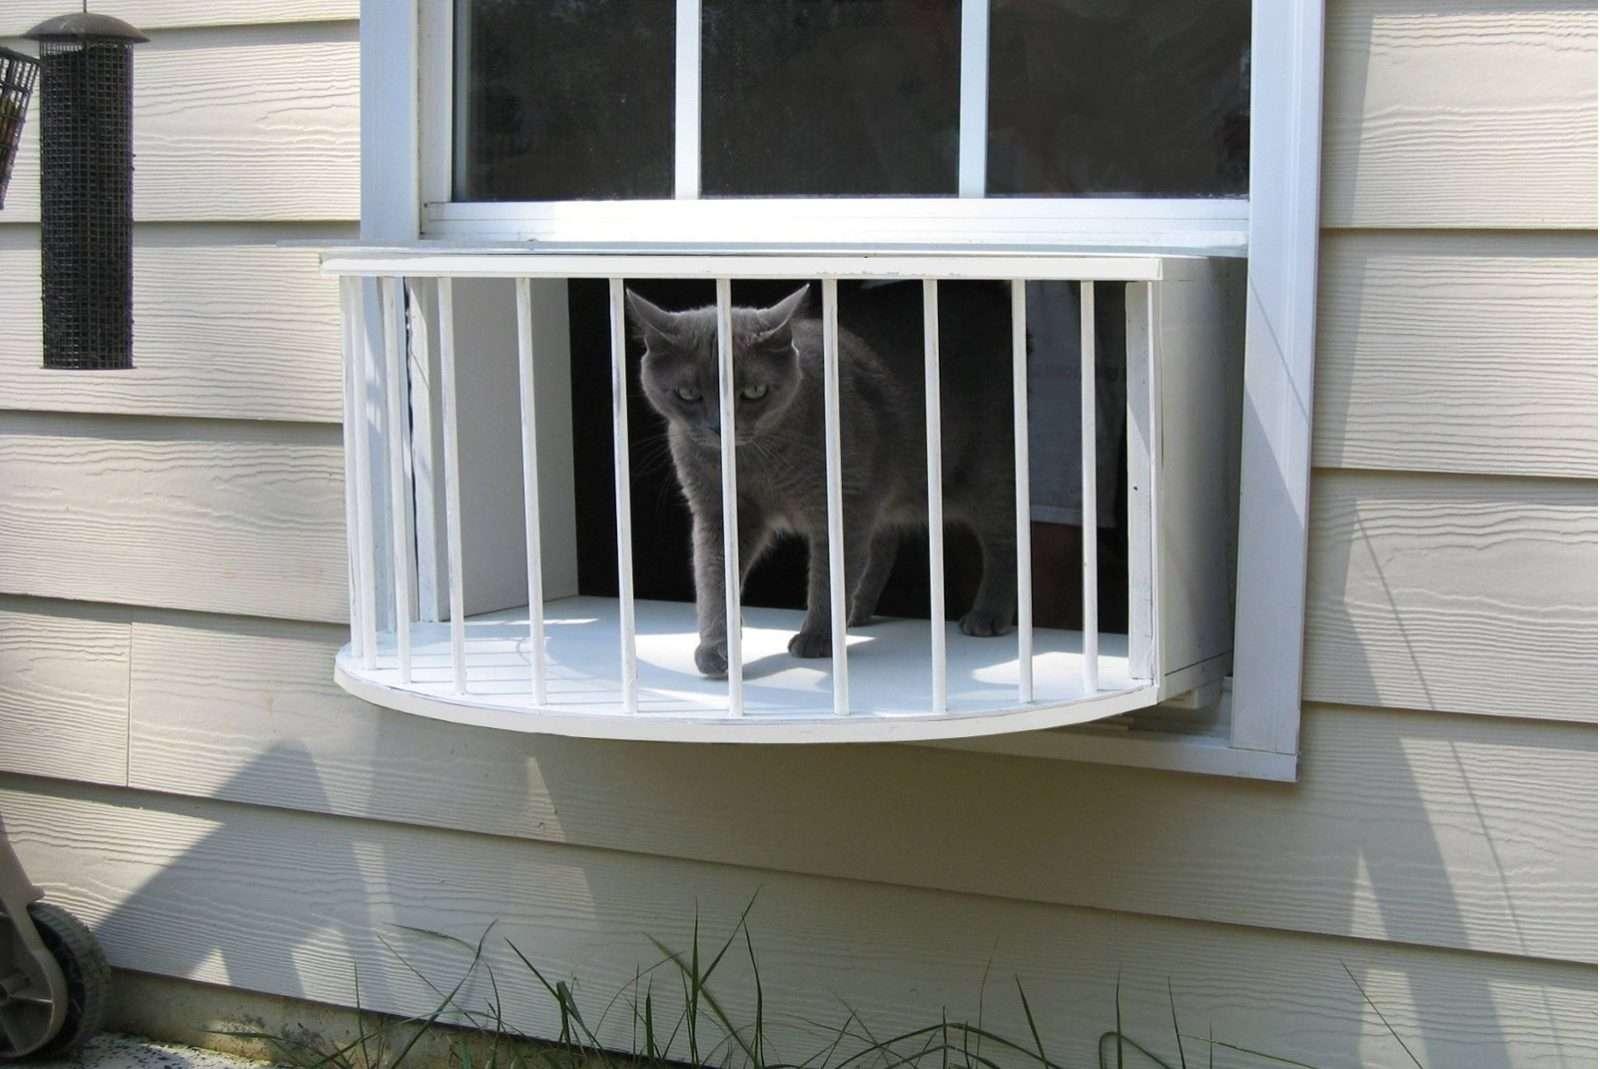 Cheap cat door for window